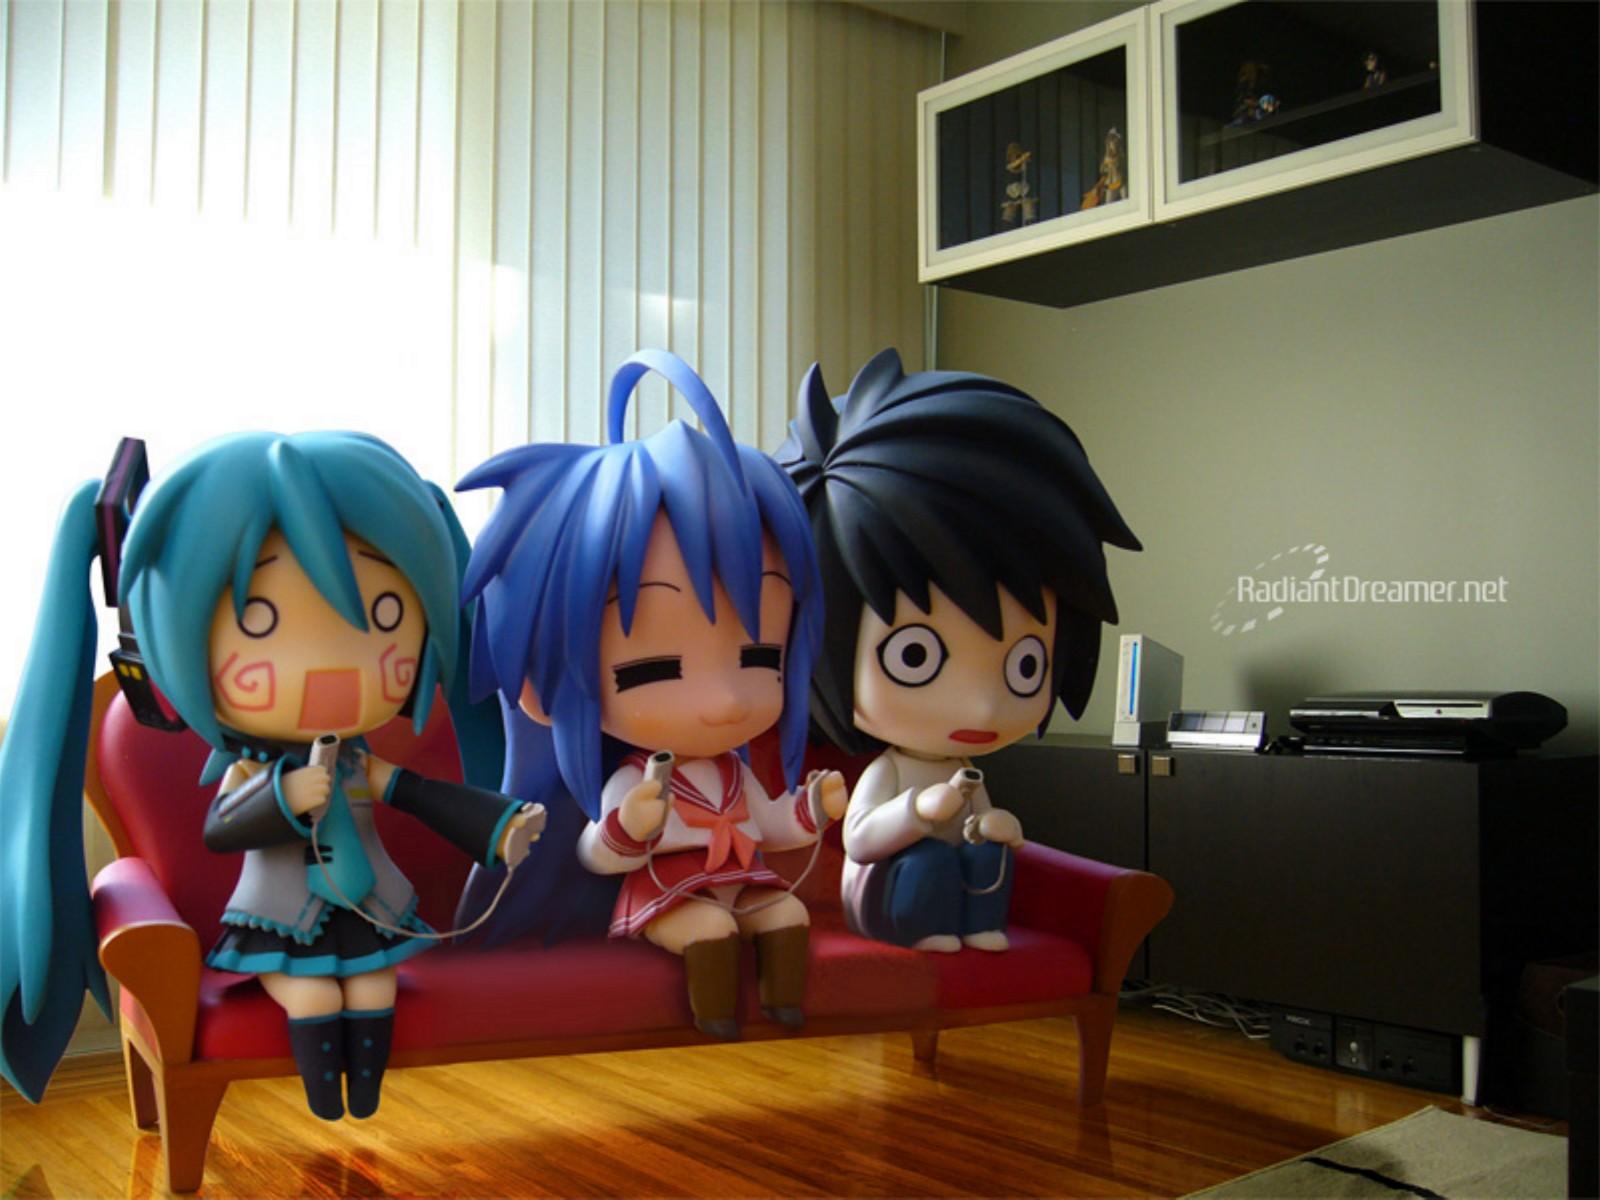 chibi death note figure game console hachune miku hatsune ...